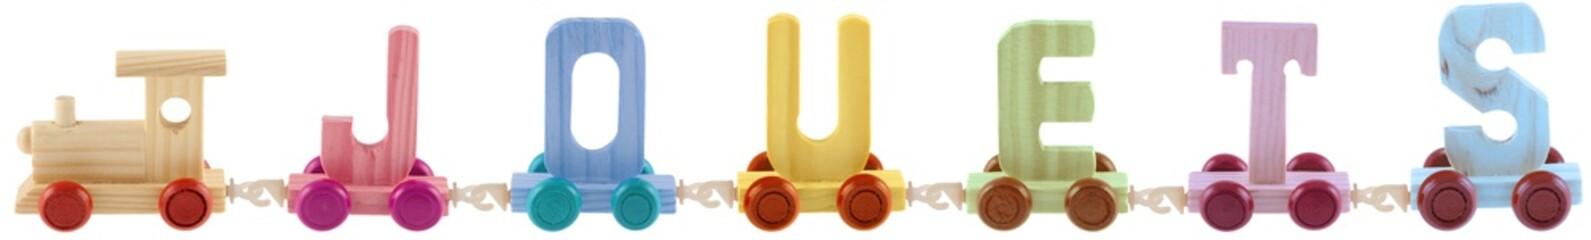 train jouets couleurs, fond blanc